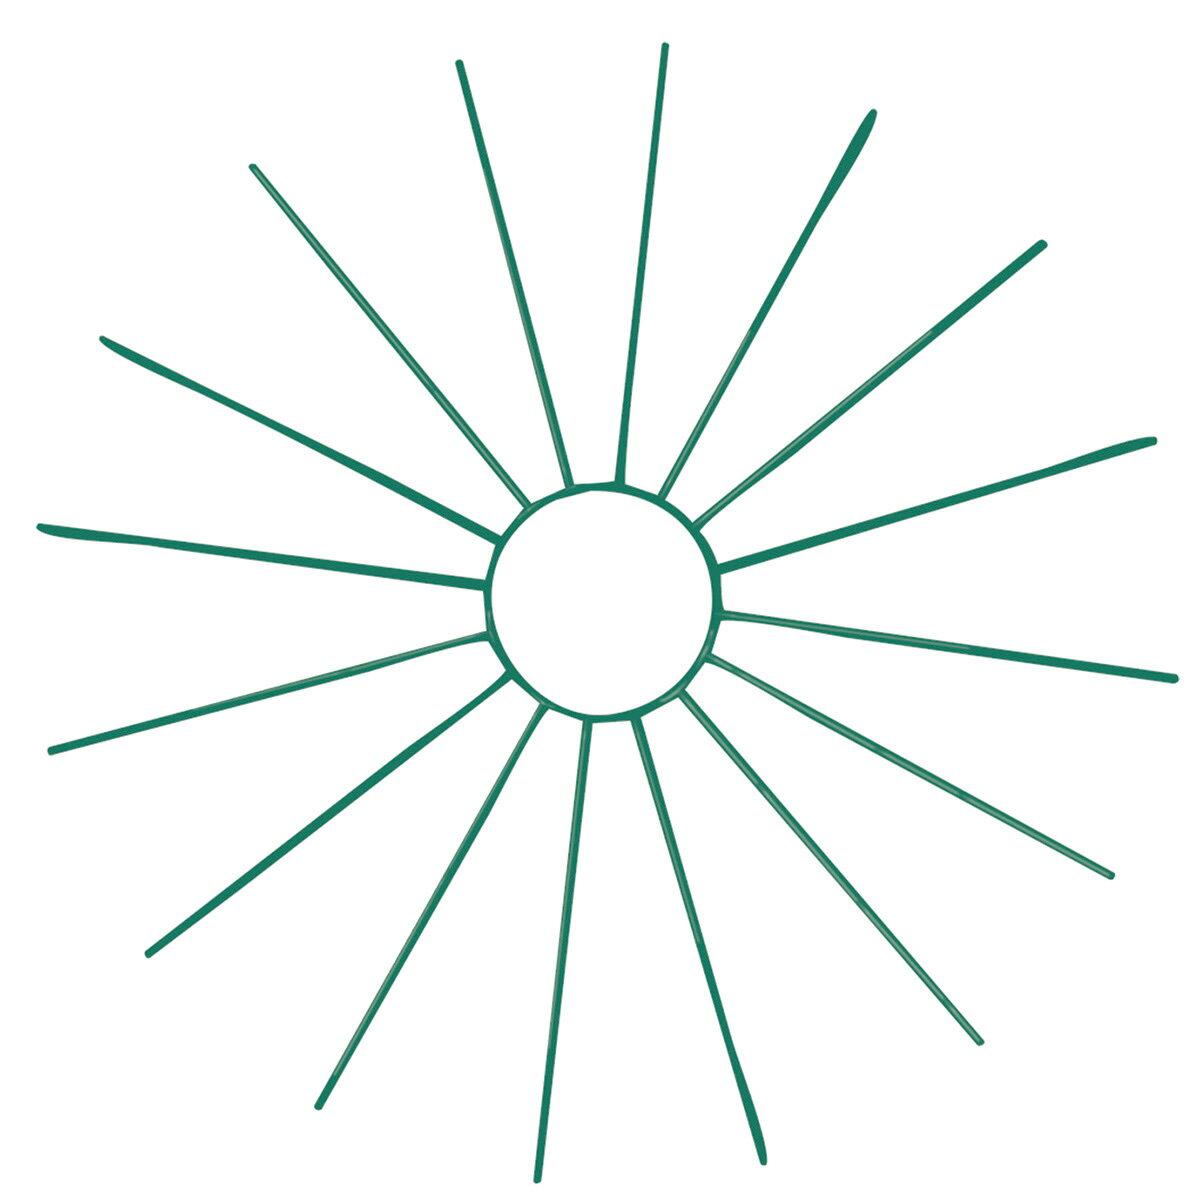 ワイヤーラウンドベースS #24 グリーン/GB016015-024【01】【取寄】《 花器、リース 花器・花瓶 ワイヤー花器 》